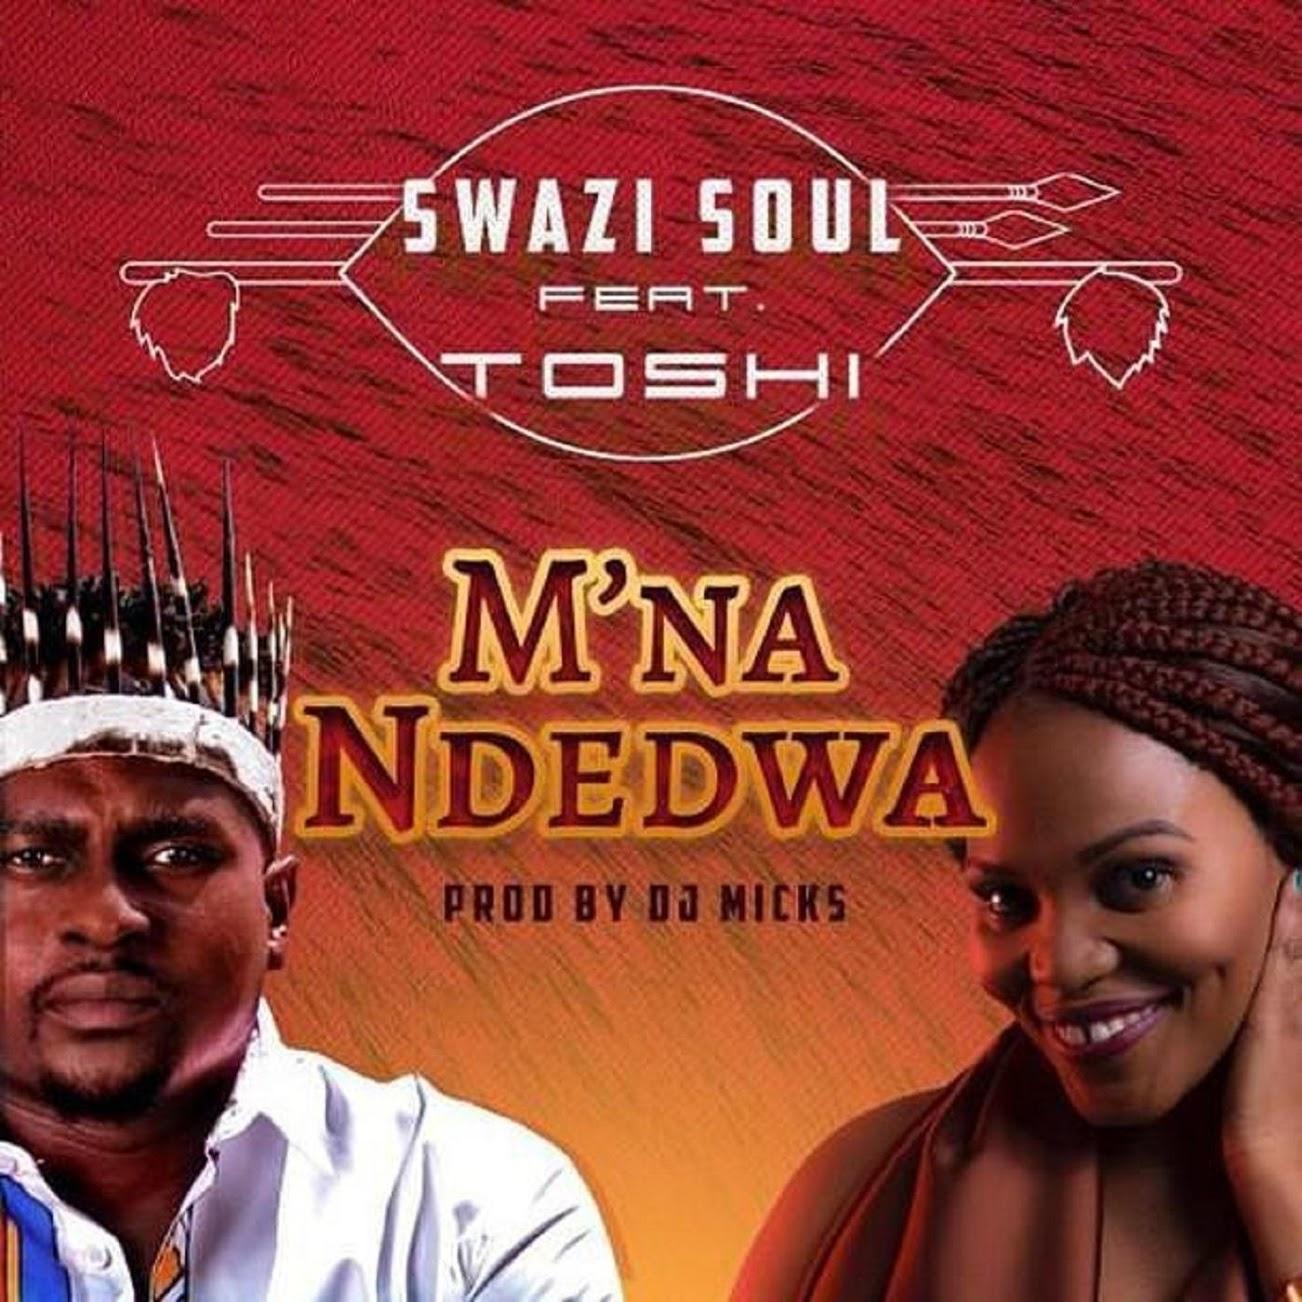 Swazi Soul Toshi Mna Ndedwa - Swazi Soul Ft. Toshi – M'na Ndedwa